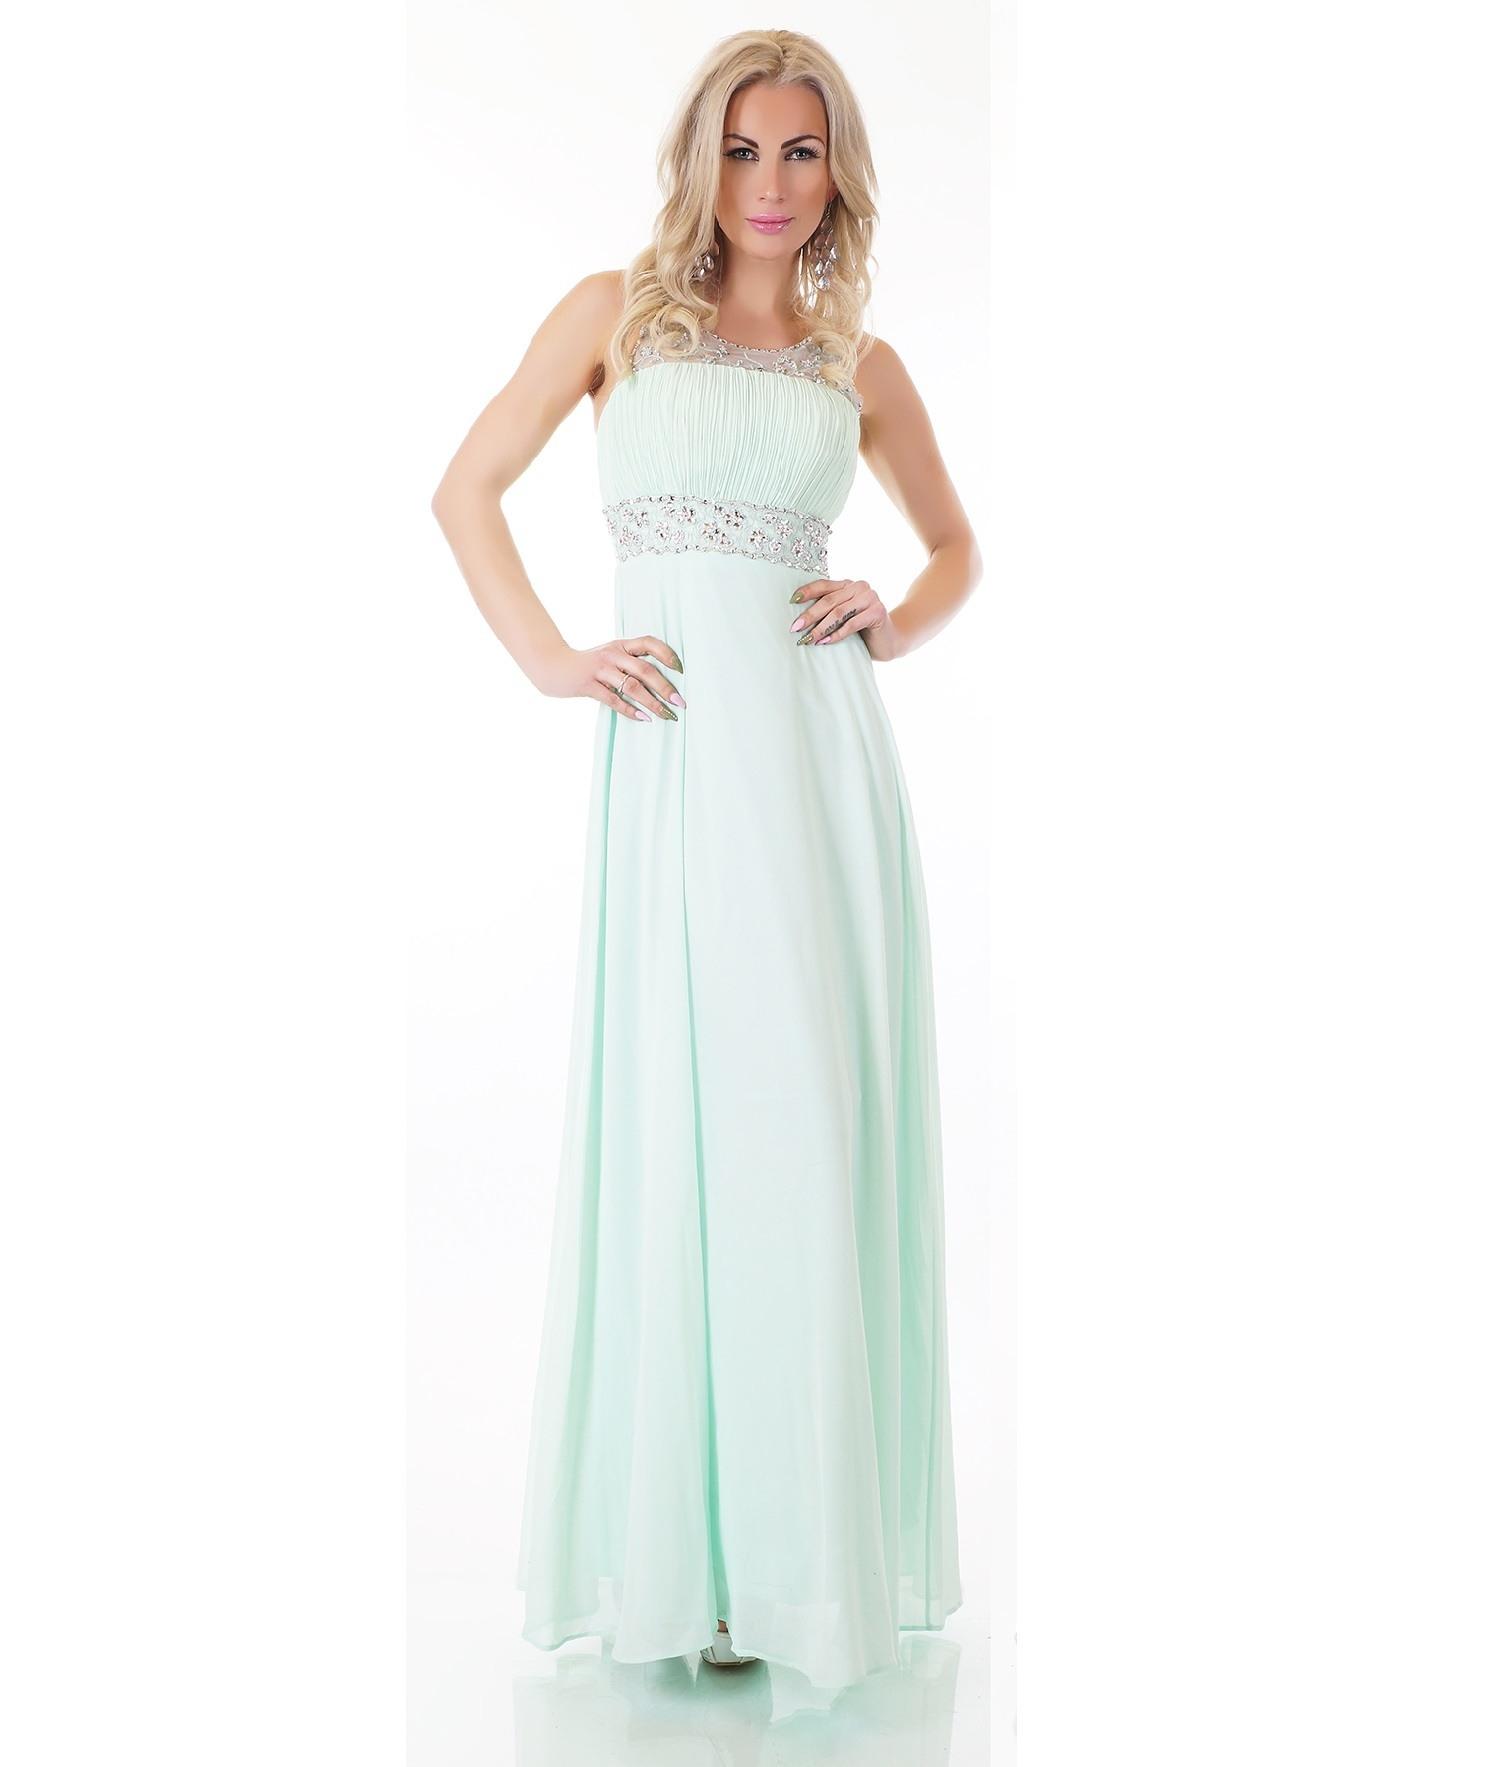 Formal Fantastisch Abendkleider Online Bestellen Galerie10 Elegant Abendkleider Online Bestellen Boutique